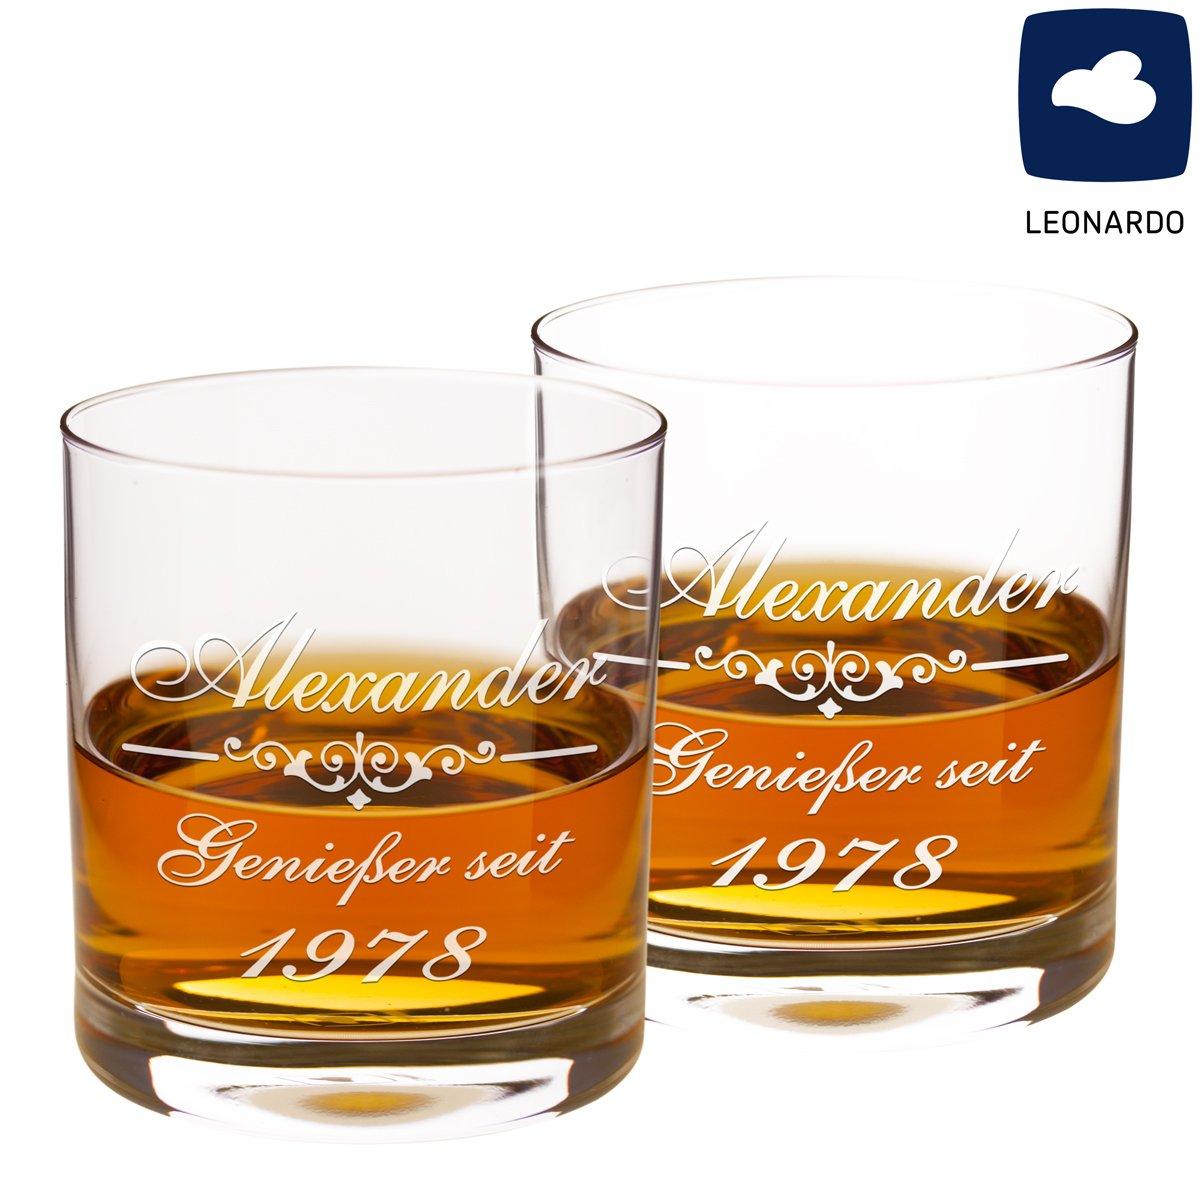 Whisky Geschenke - personalisierte Whisky Geschenke mit Gravuren